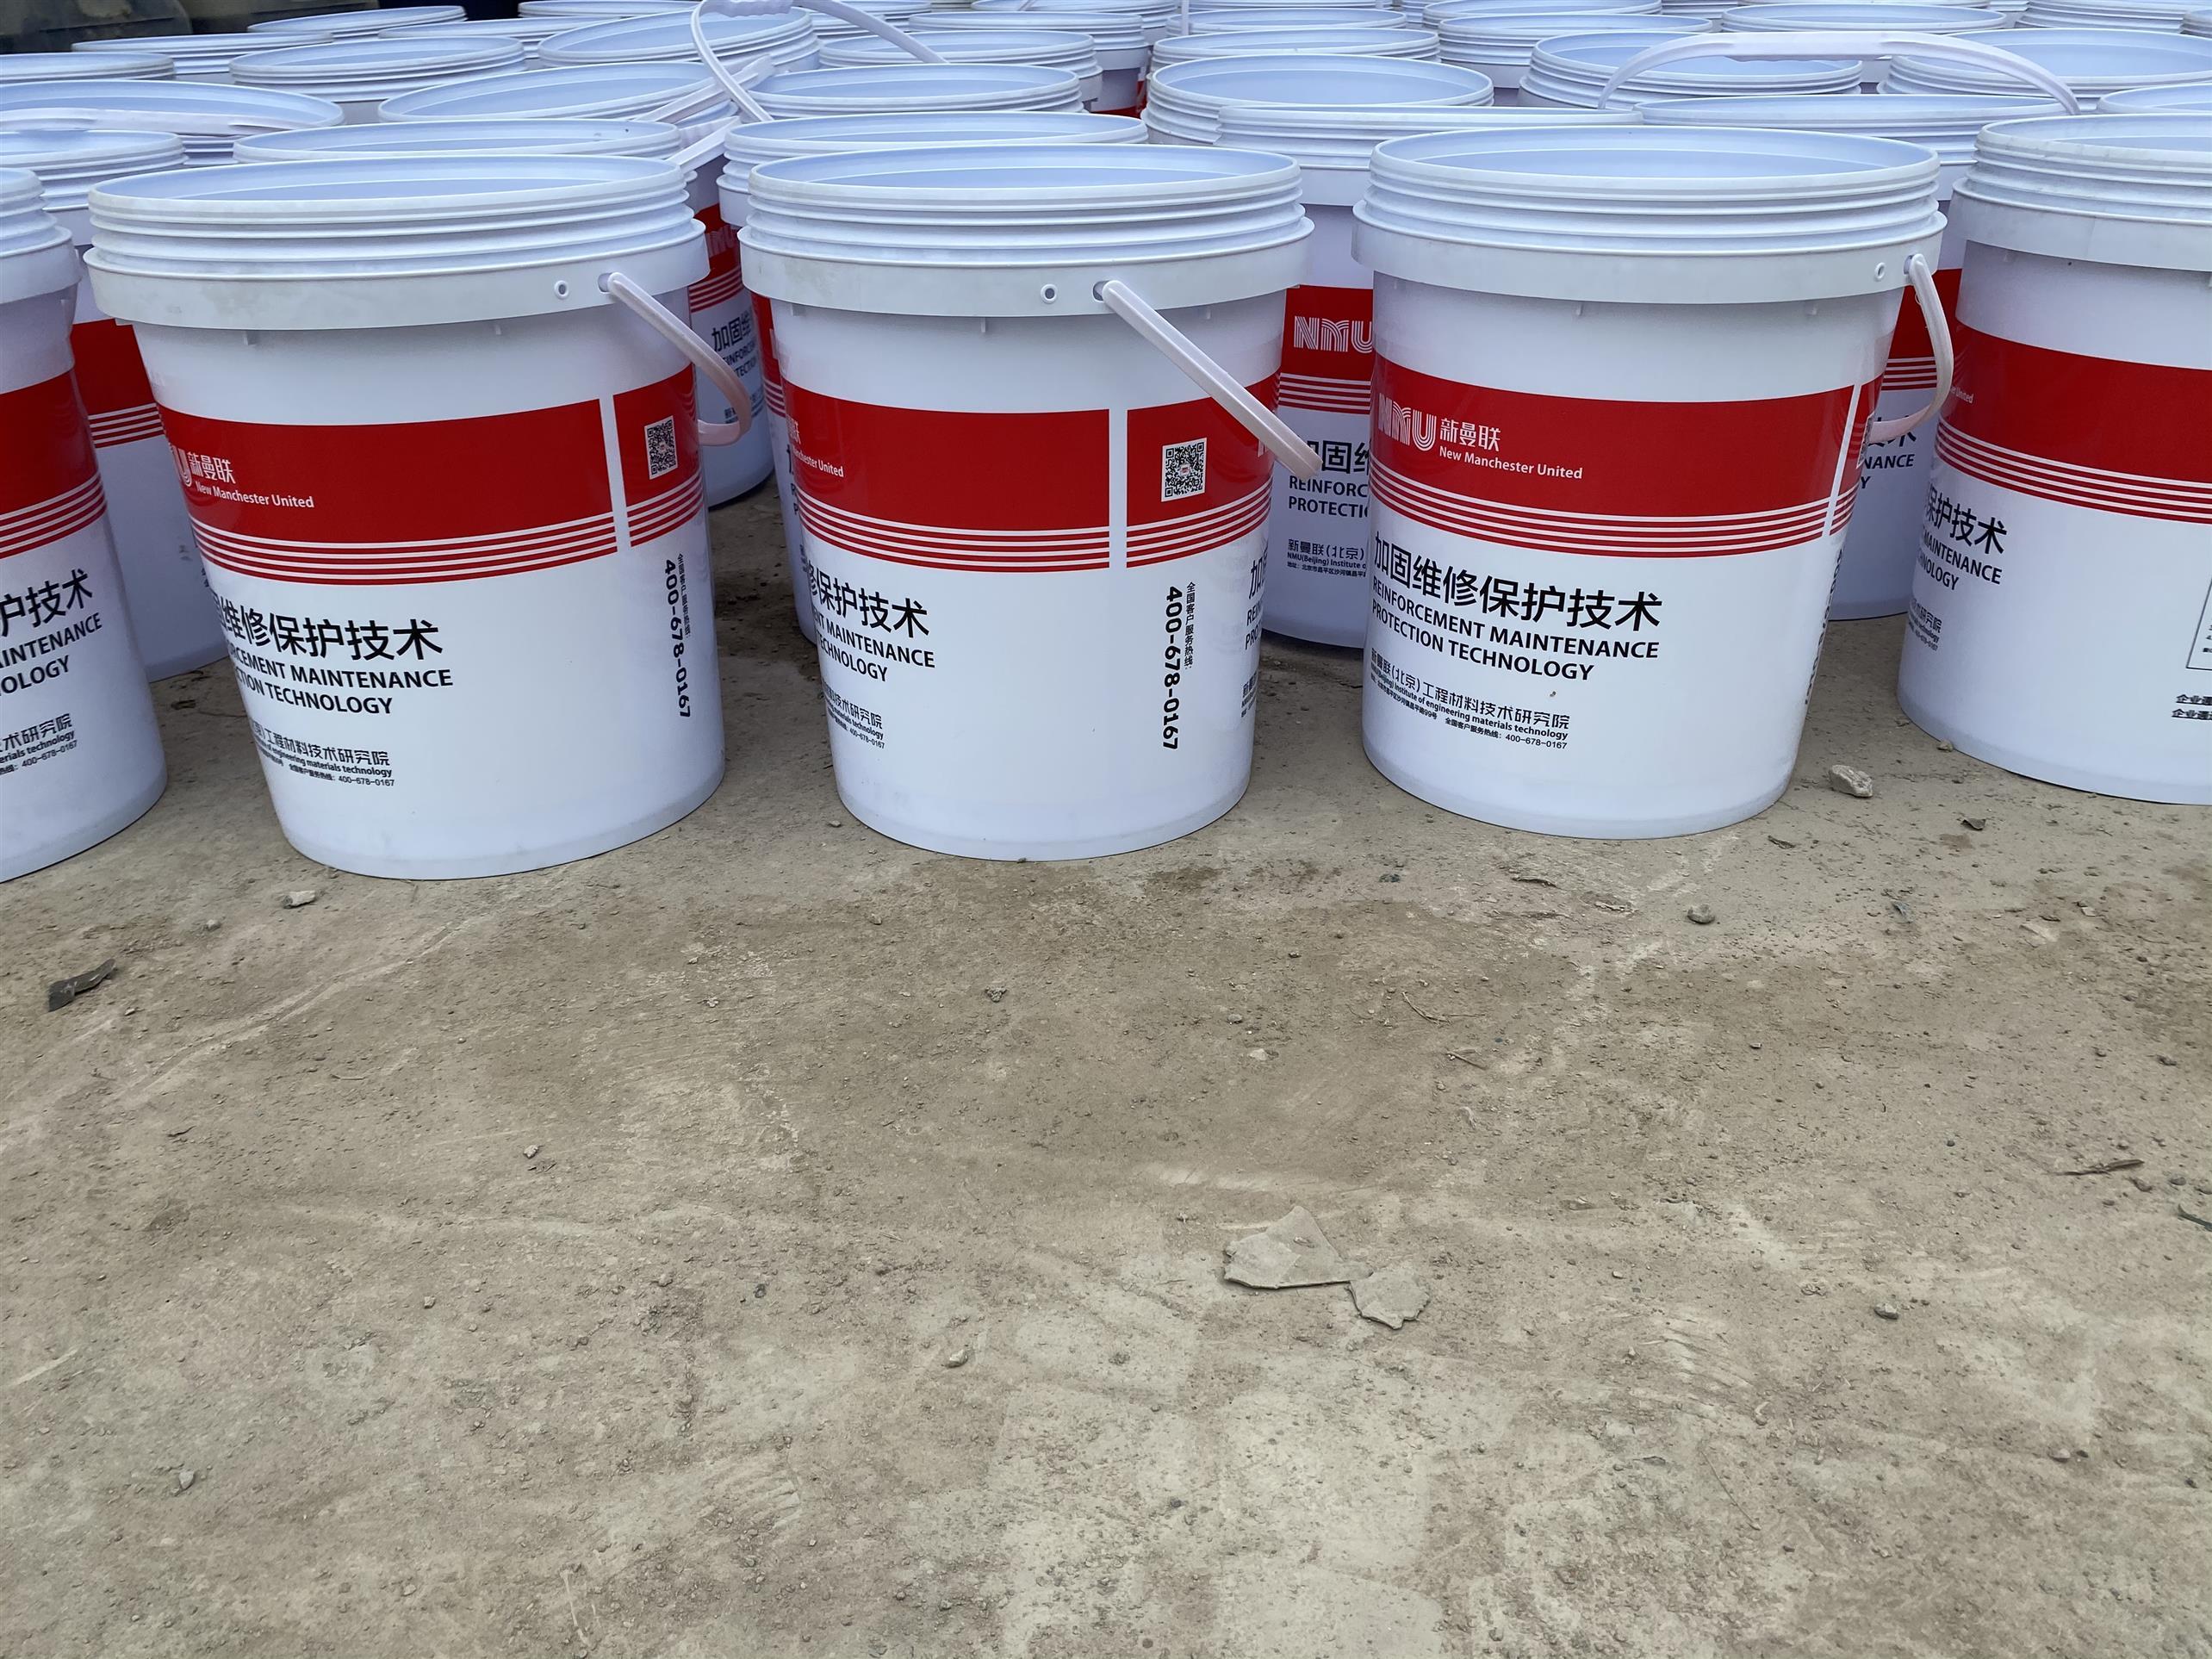 福州厂家发货抗裂密实剂 能用到哪些领域